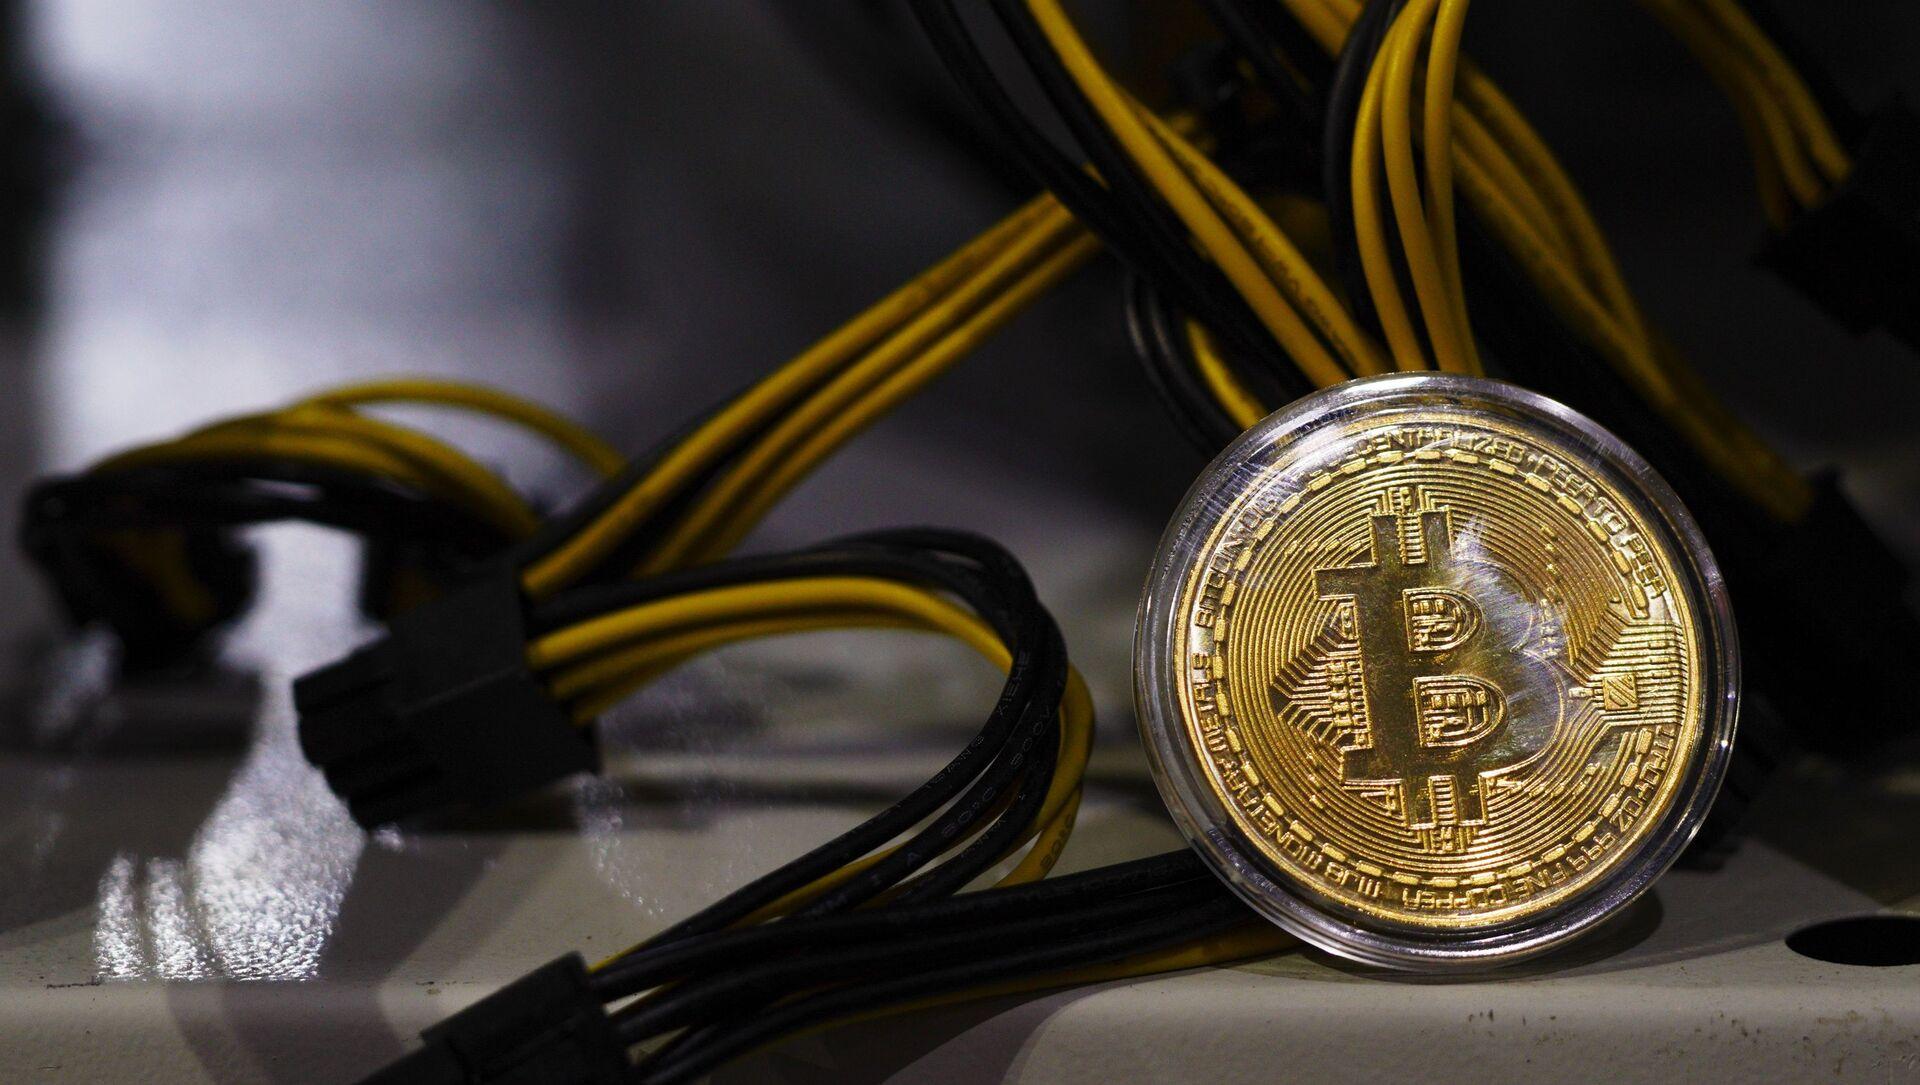 Сувенирная монета с логотипом криптовалюты биткоин. - Sputnik Аҧсны, 1920, 22.02.2021